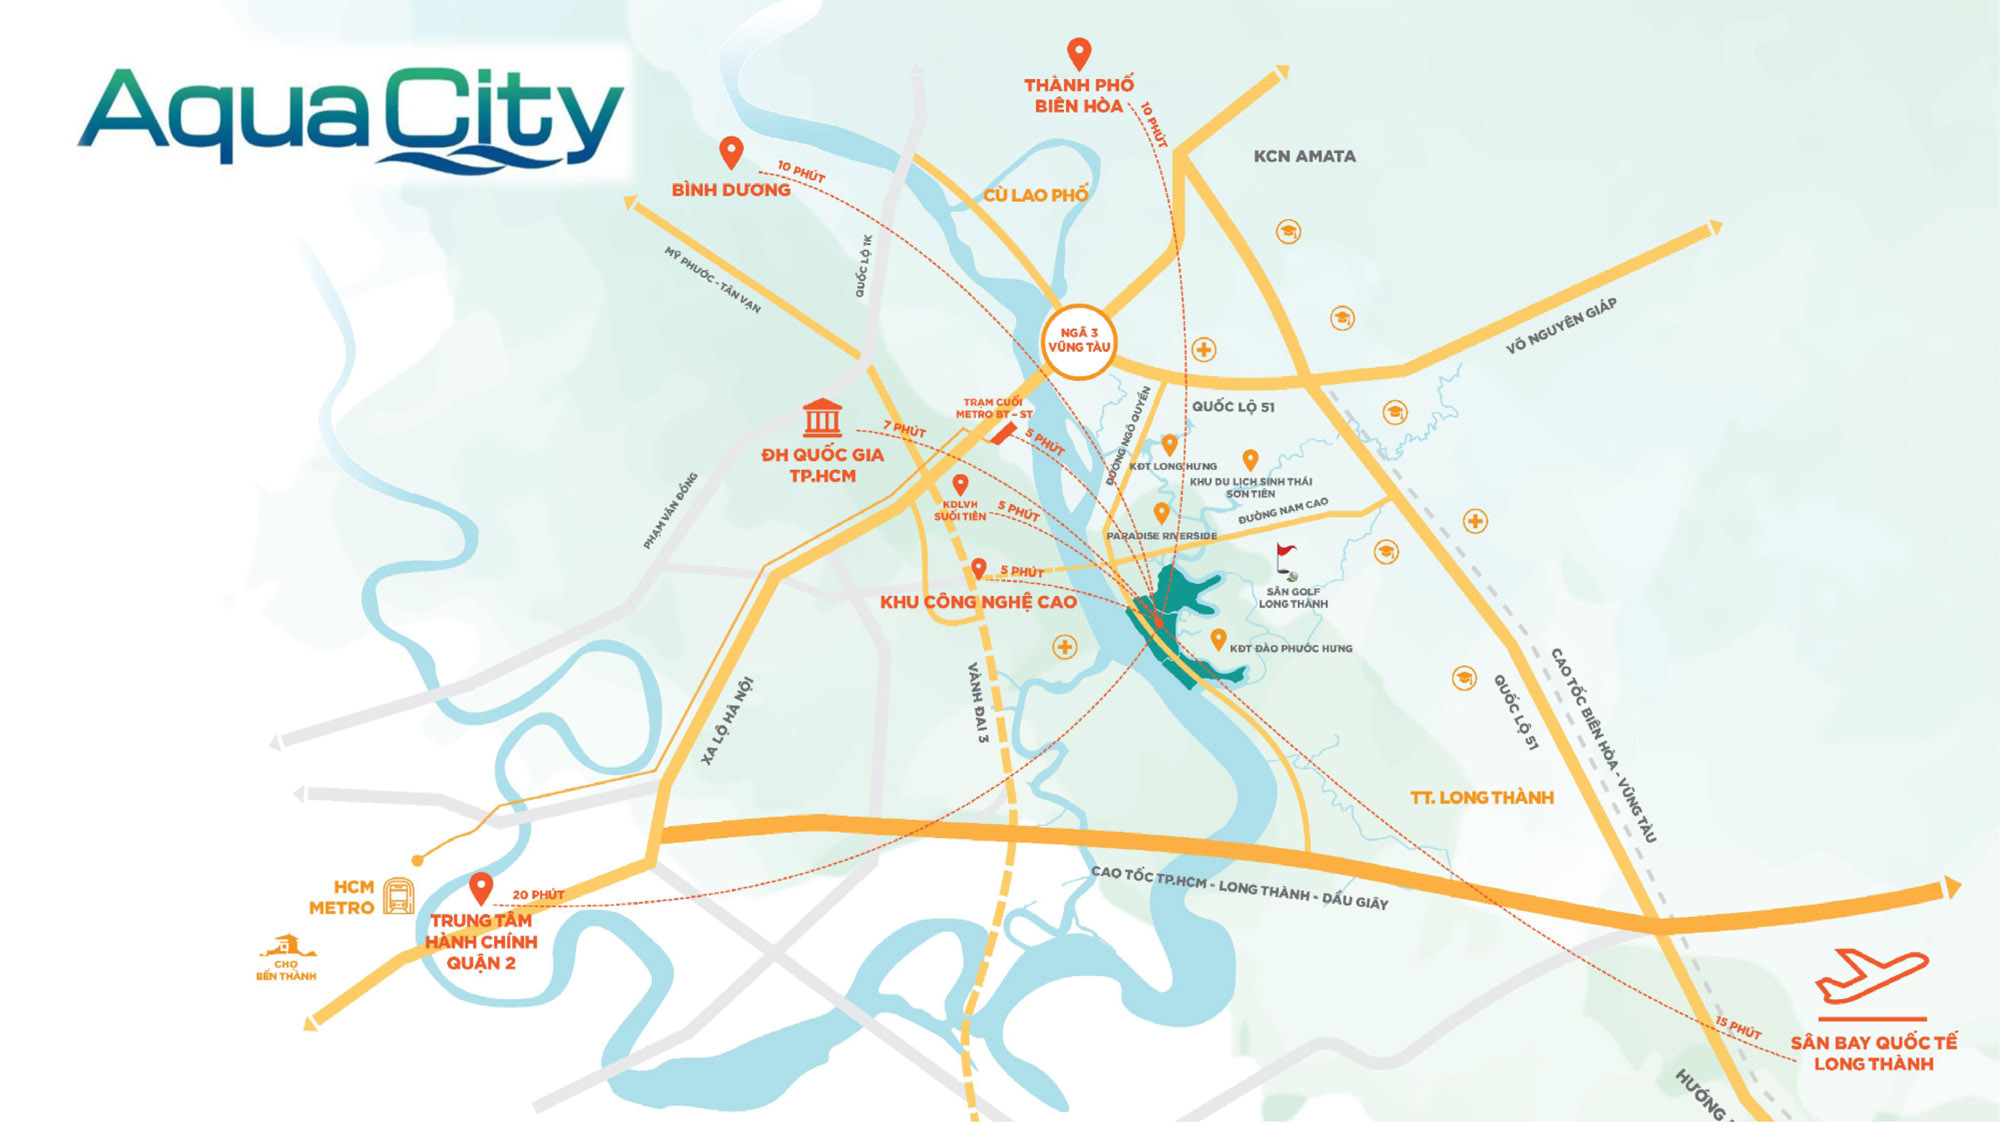 Vị trí dự án Aqua City